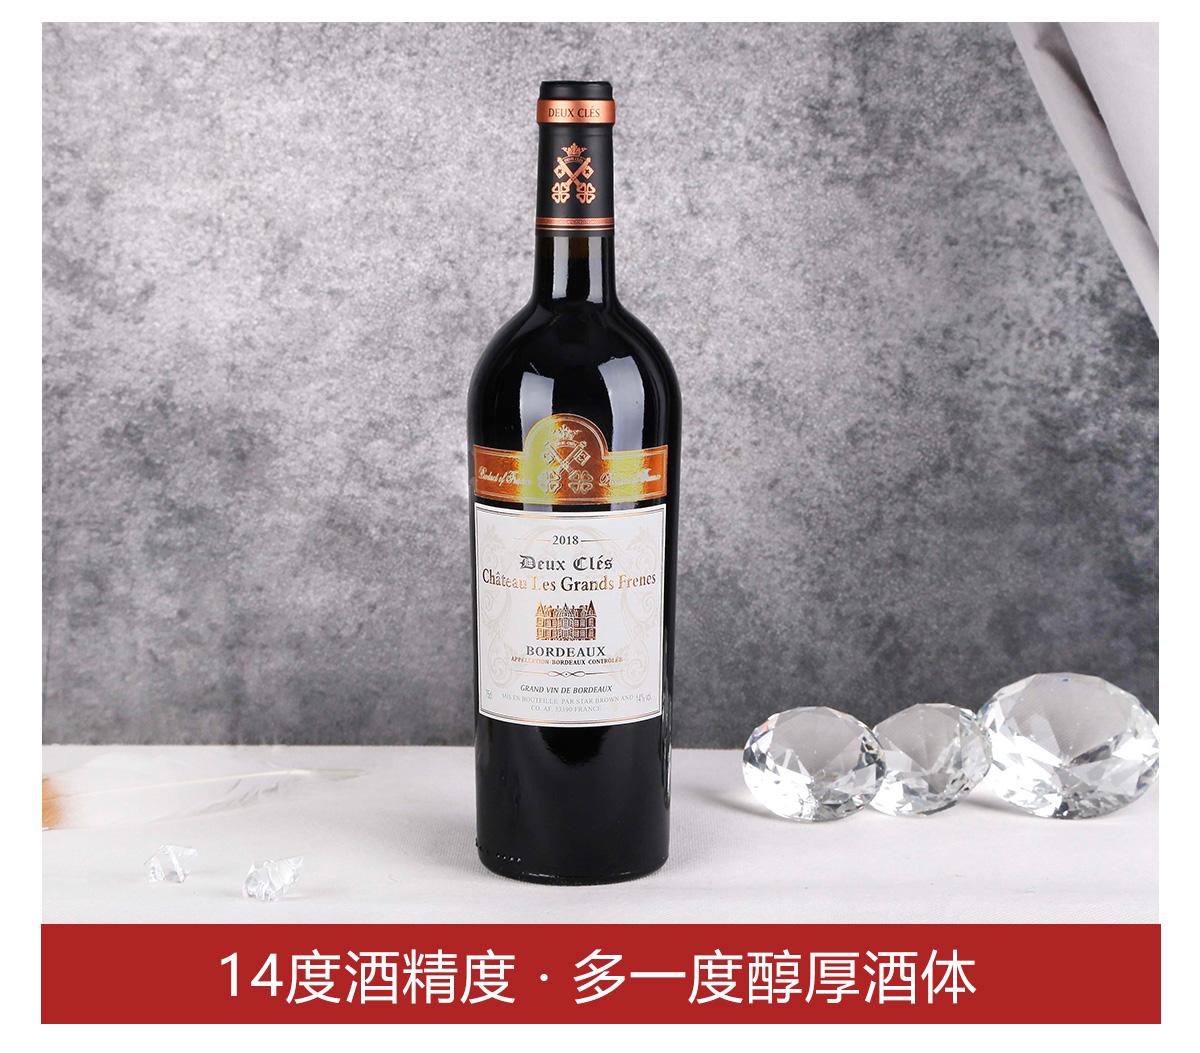 两把钥匙·波尔多 古飞龙城堡红葡萄酒2018